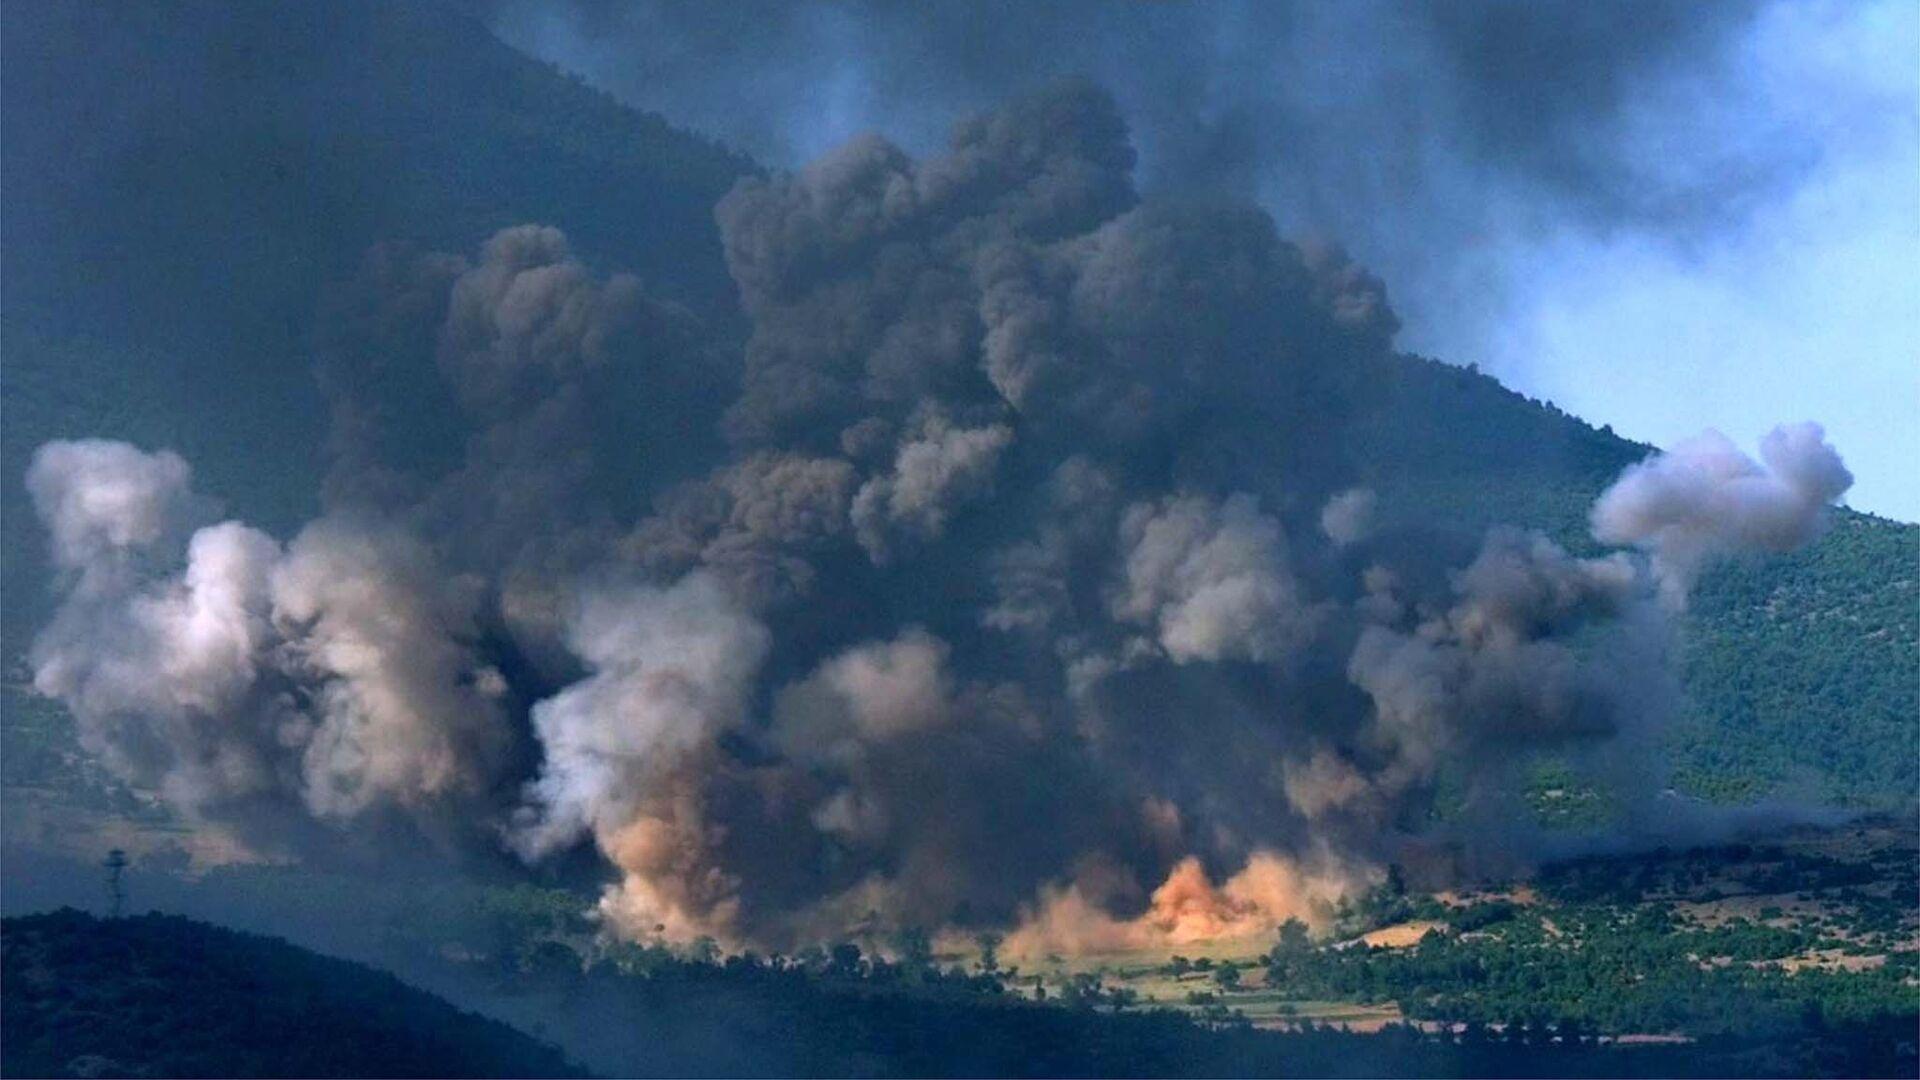 Bombardeos en Kosovo en 1999 (archivo) - Sputnik Mundo, 1920, 24.03.2021